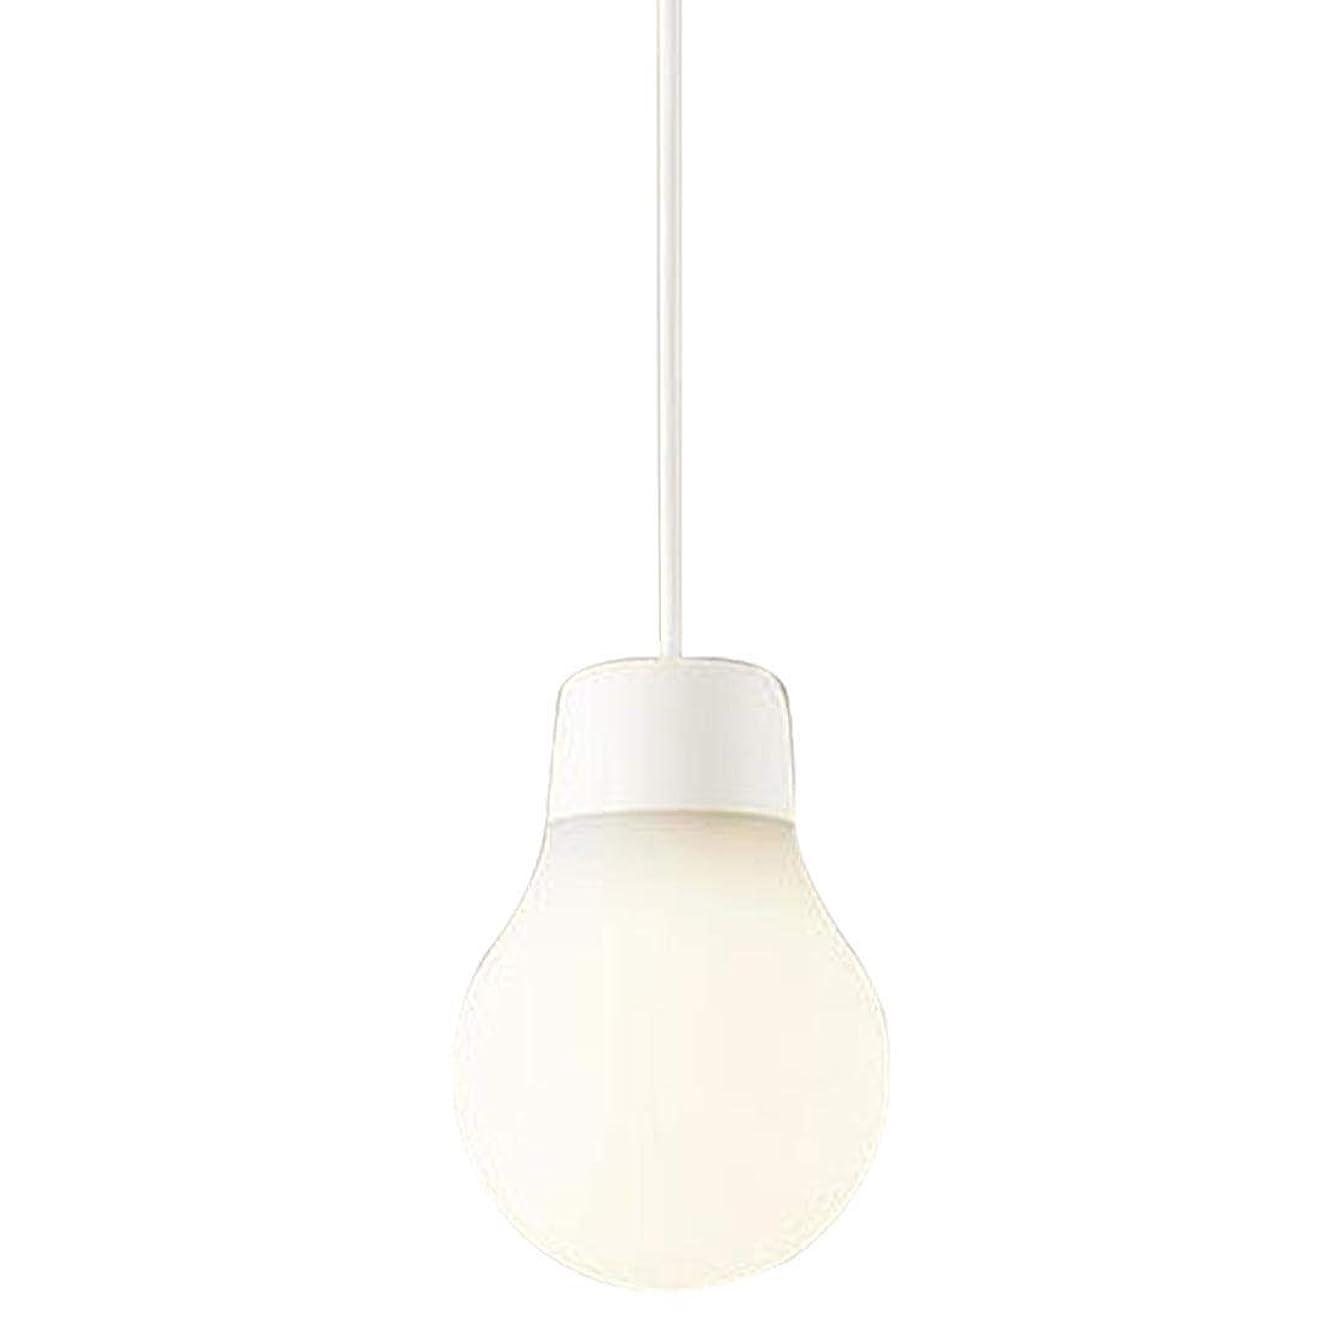 アイドルデザート服パナソニック ペンダントライト LAMP DESIGN LGB10418WCE1 直付 電球色 白紐 奥行10×高さ10×幅14.5cm